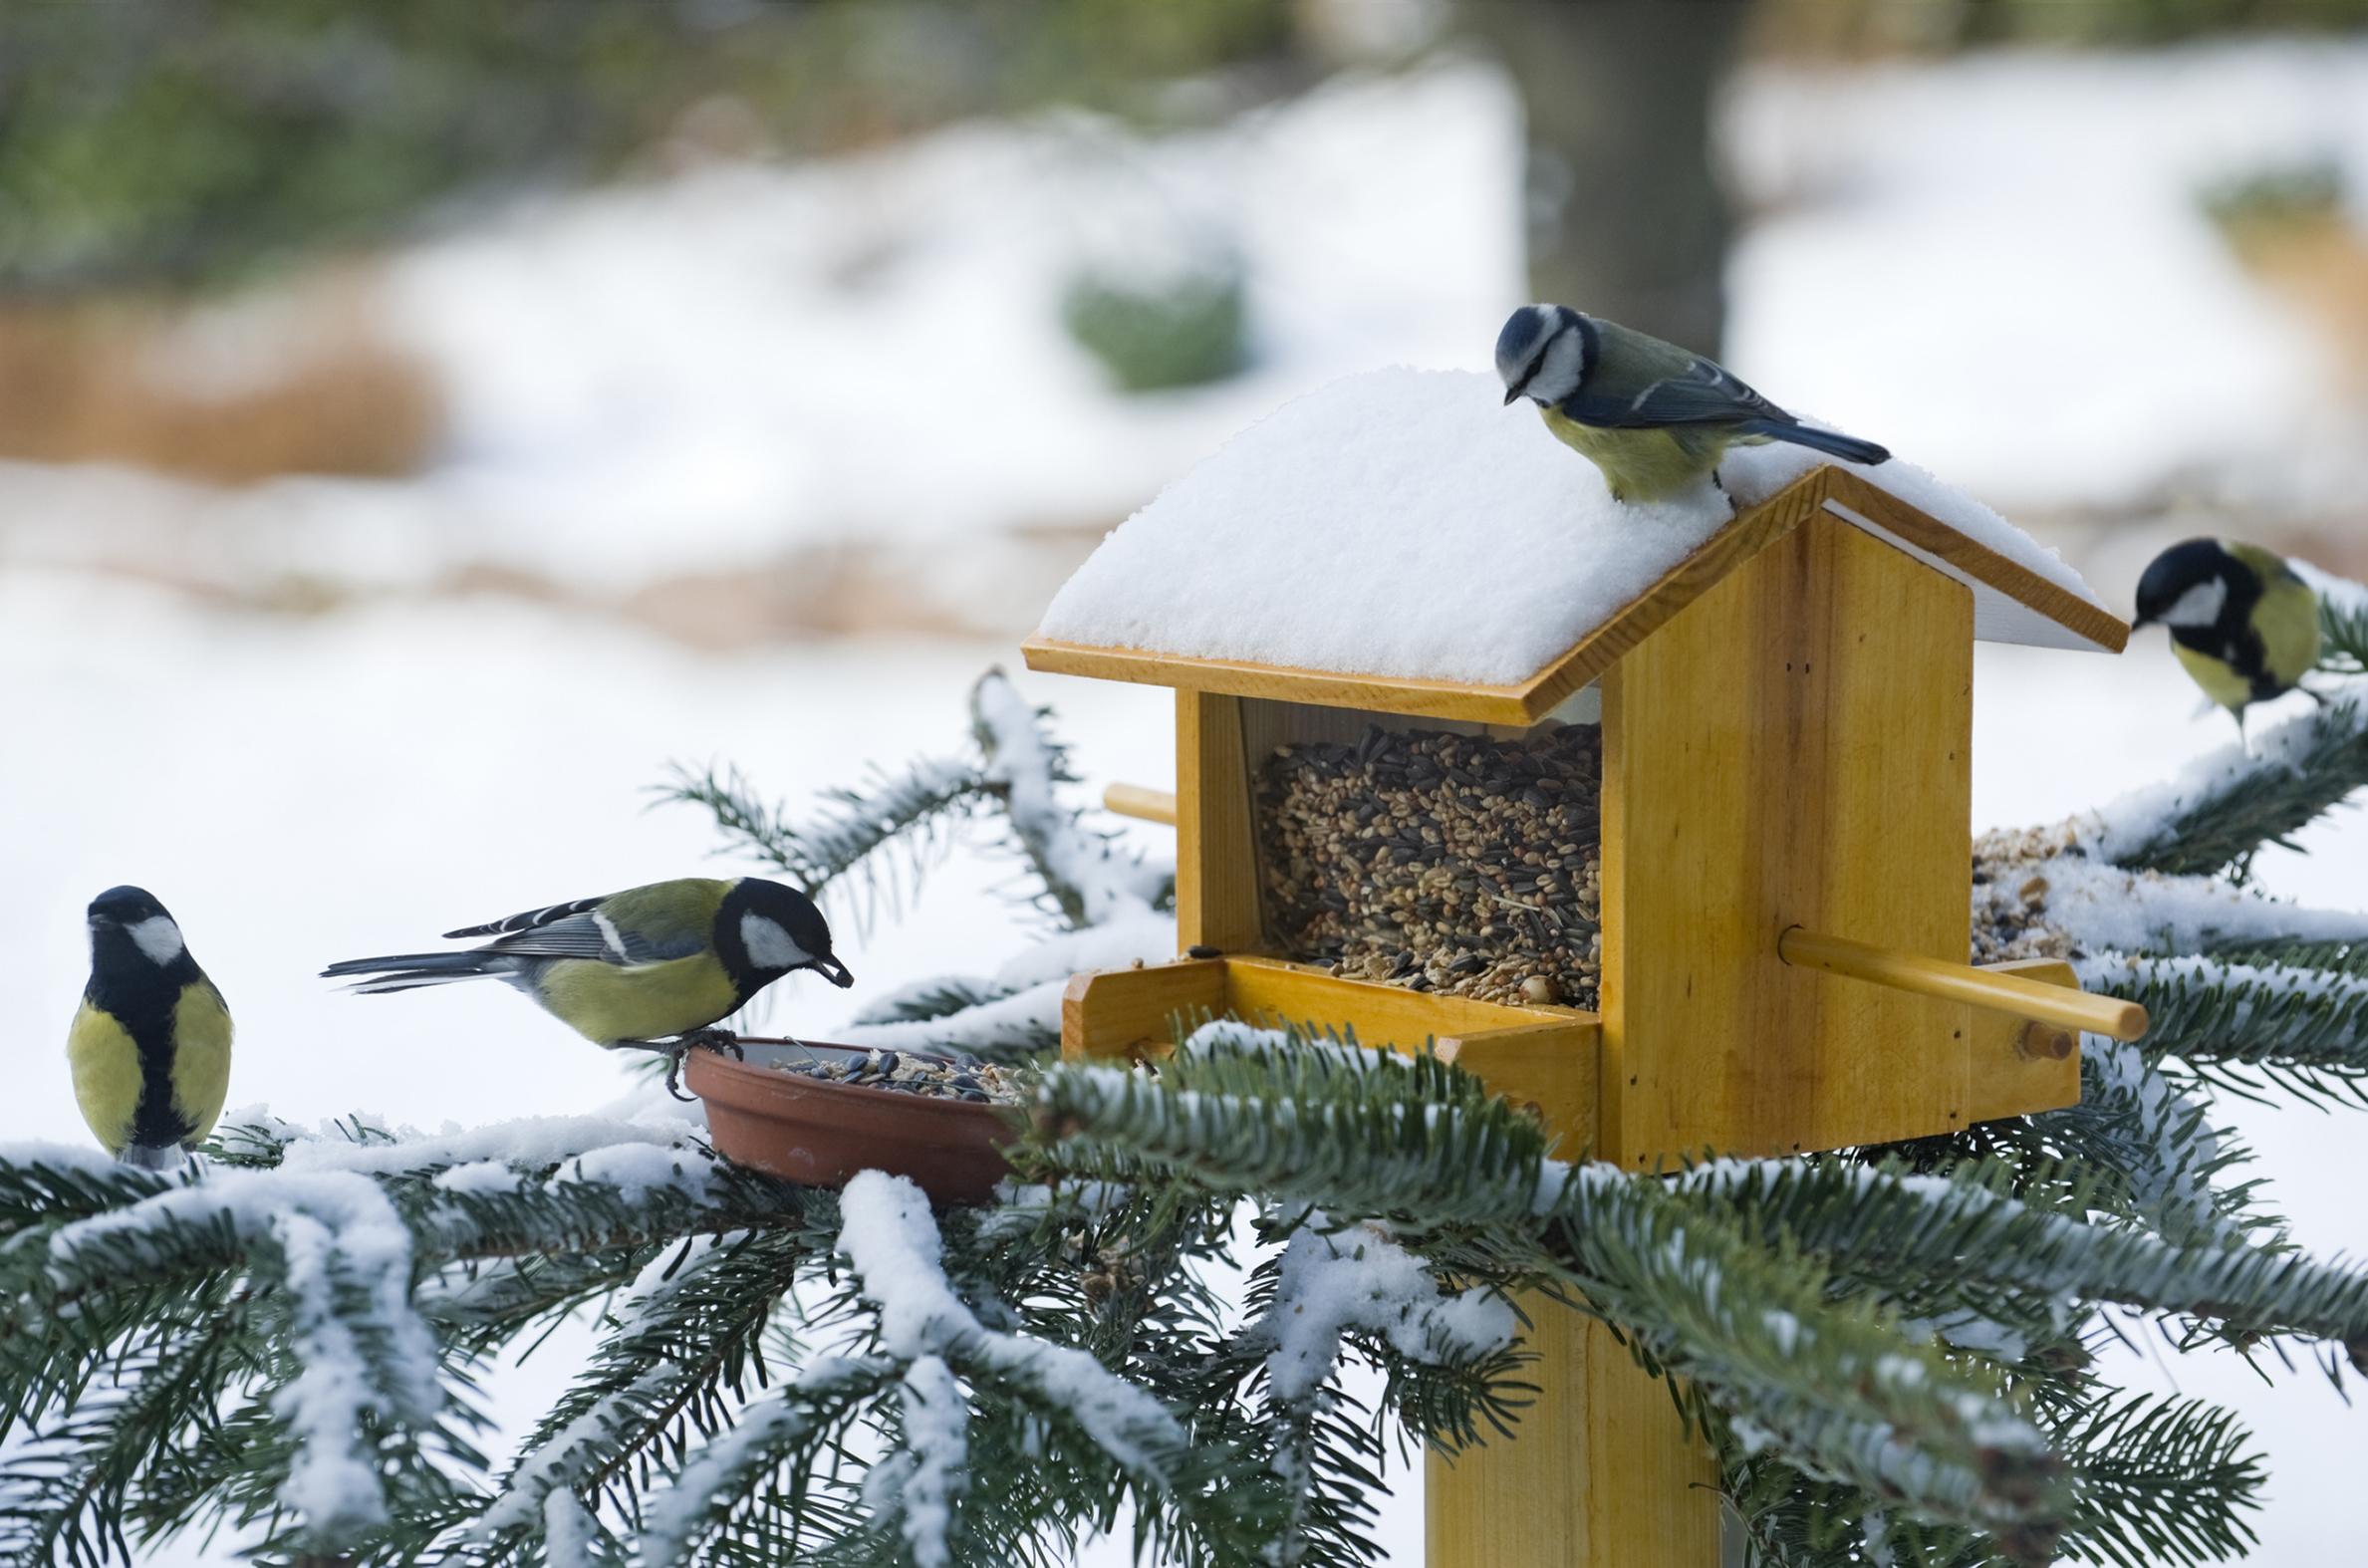 L'art et la manière de nourrir les oiseaux en hiver